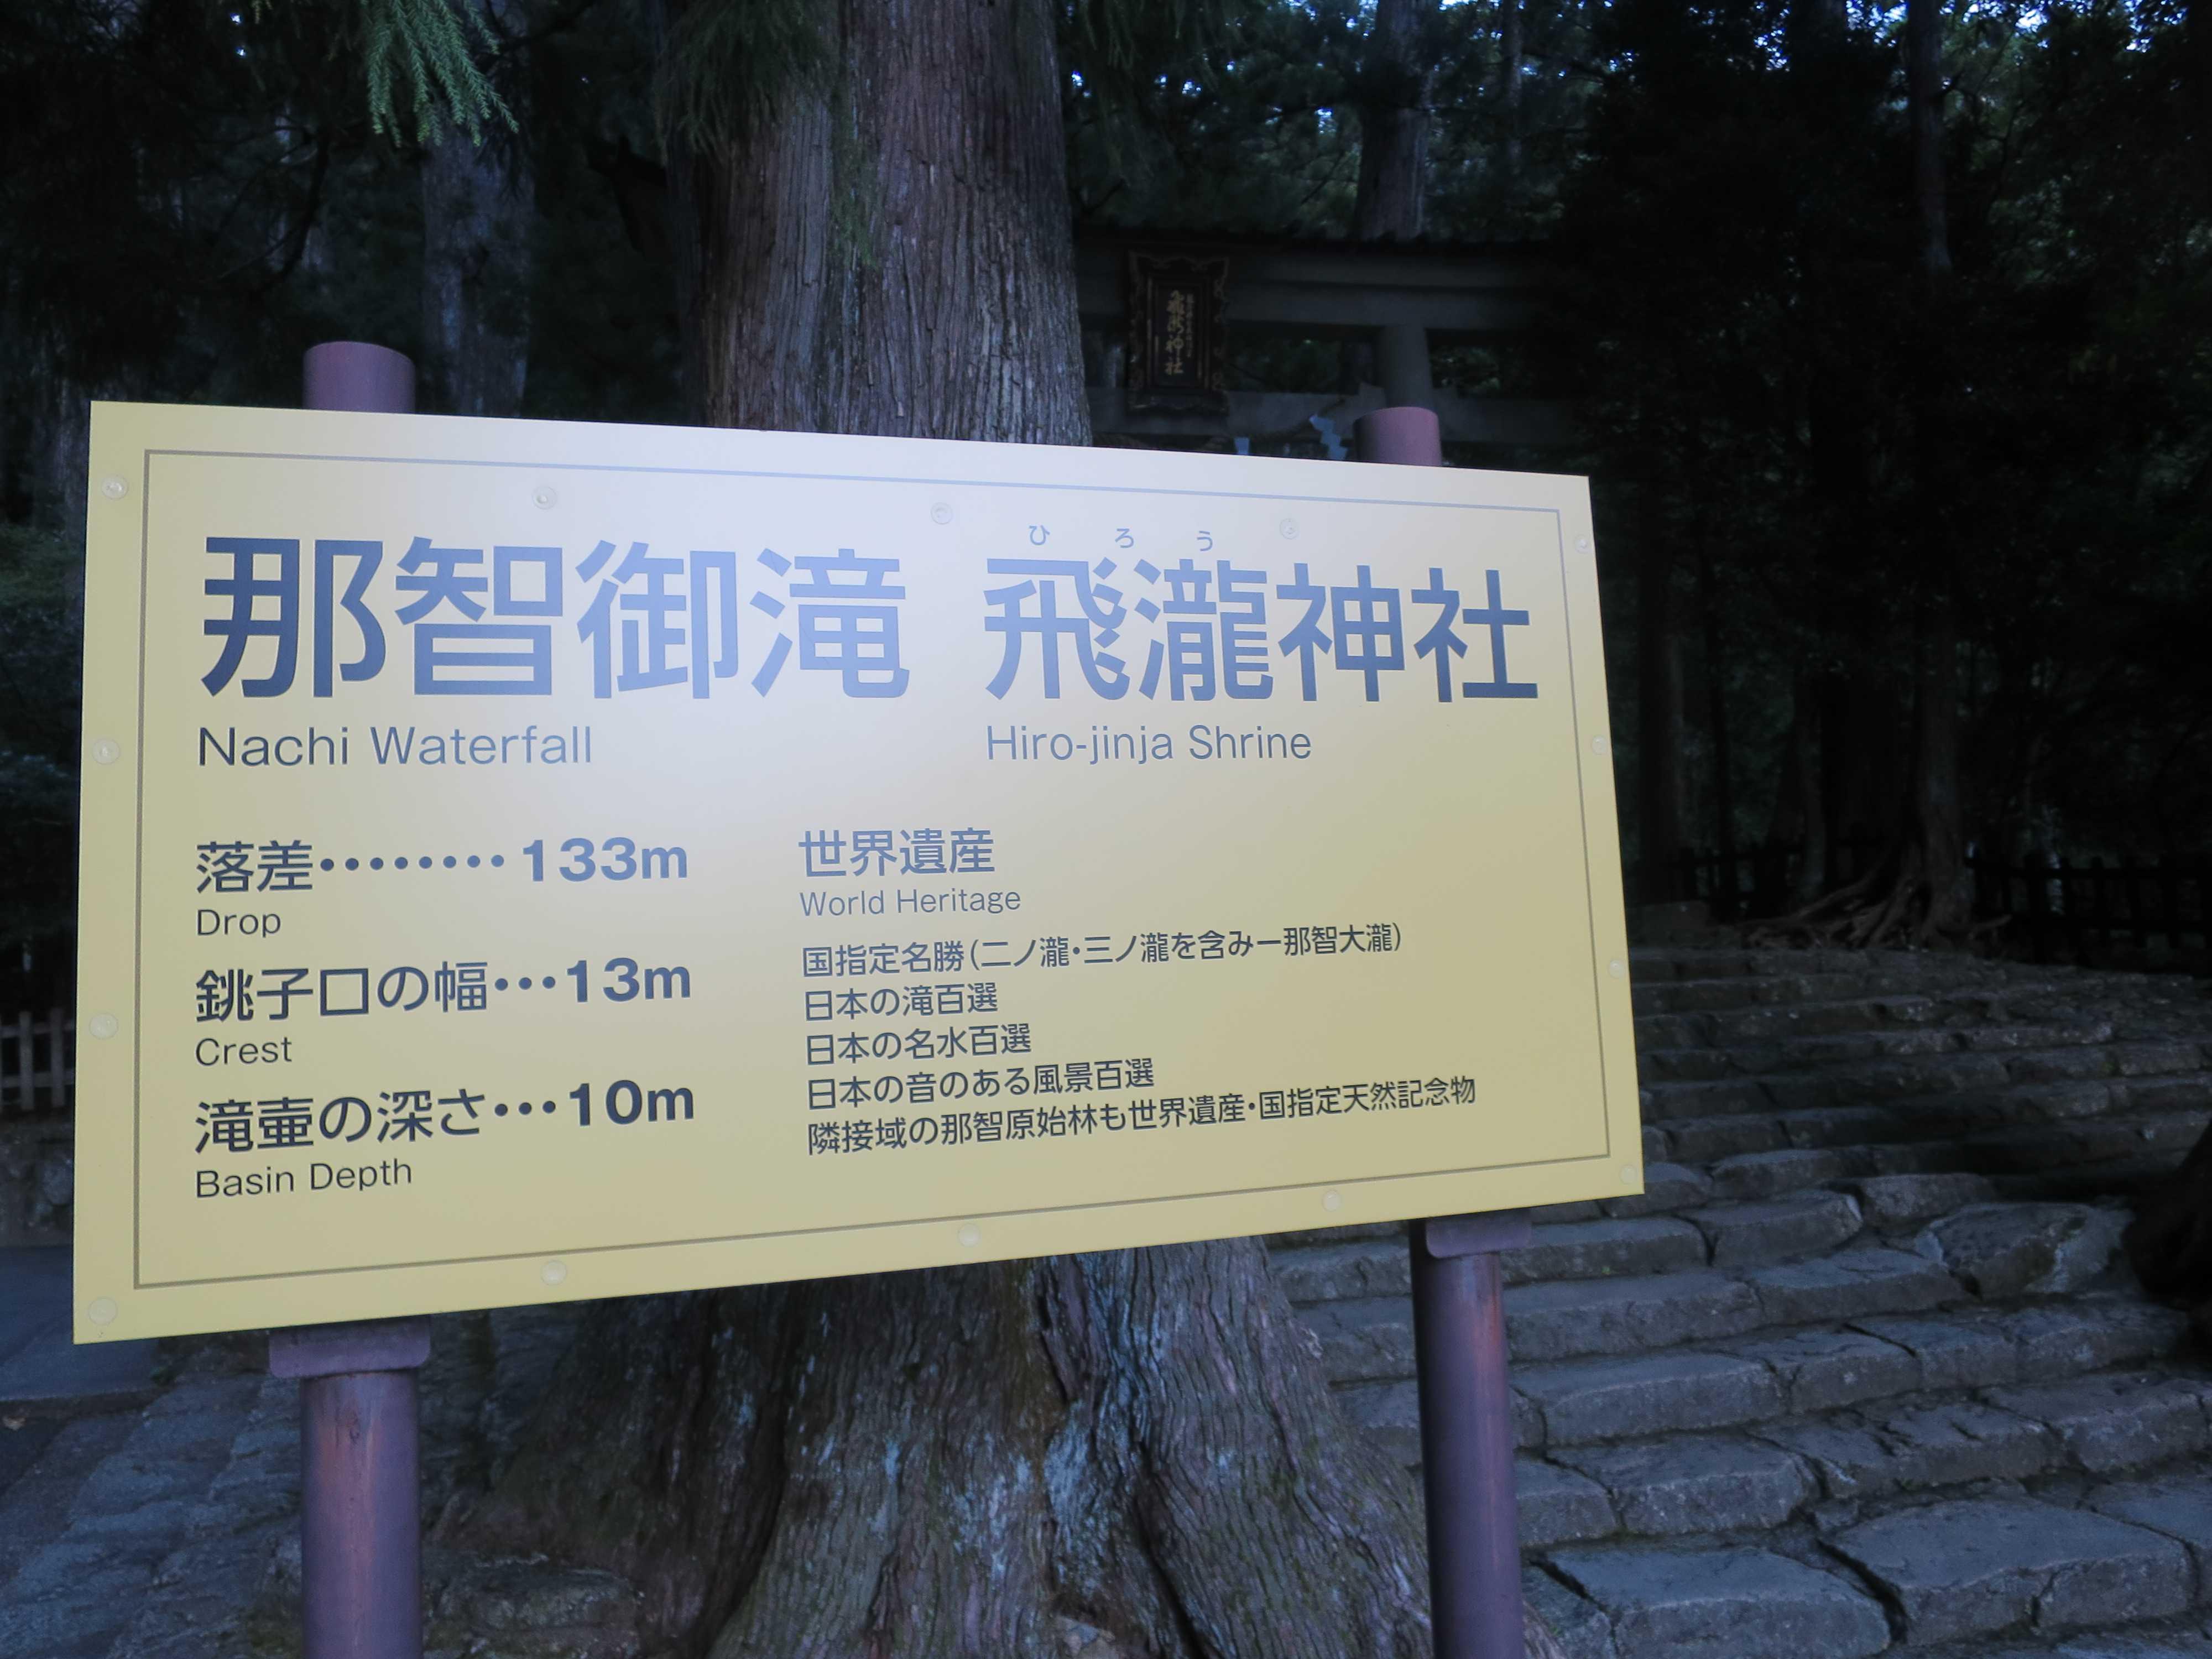 那智御滝 飛瀧神社(ひろうじんじゃ)